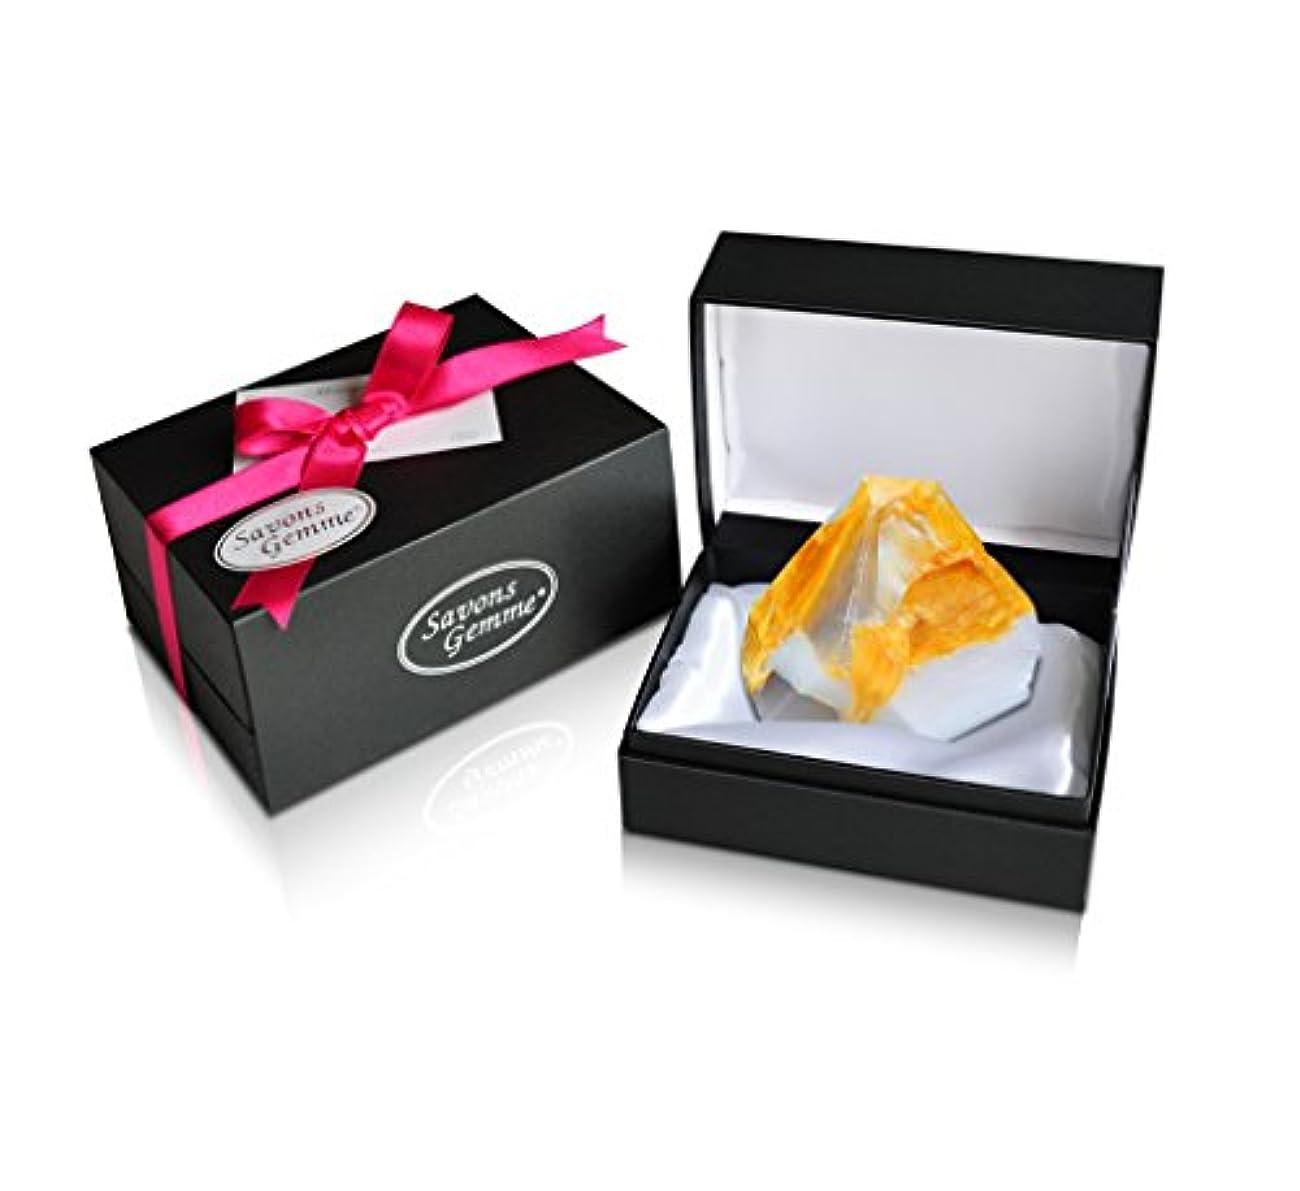 病気だと思うドットガラスSavons Gemme サボンジェム ジュエリーギフトボックス 世界で一番美しい宝石石鹸 フレグランス ソープ 宝石箱のようなラグジュアリー感を演出 アルバトールオリエンタル 170g 【日本総代理店品】